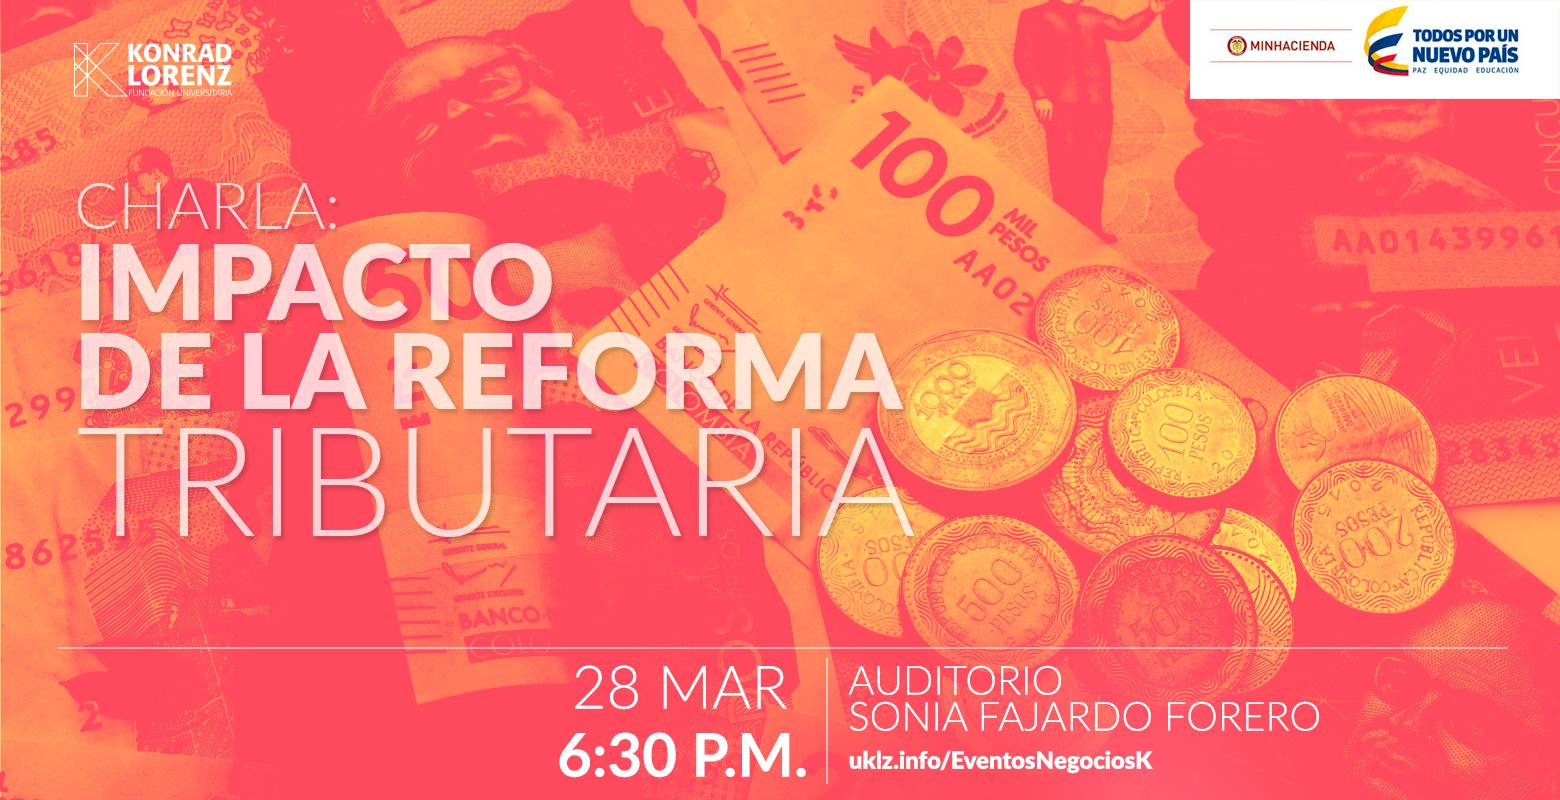 Charla: Impacto de la reforma tributaria en Colombia